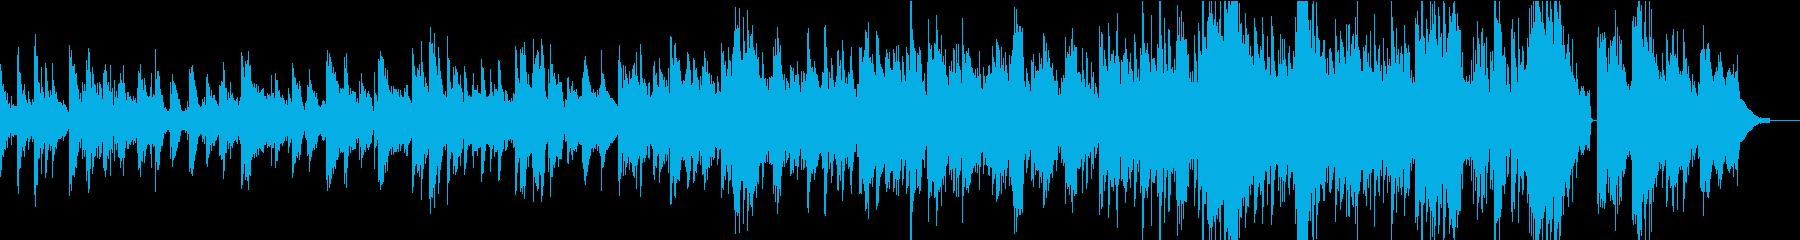 星空のピアノバラードの再生済みの波形